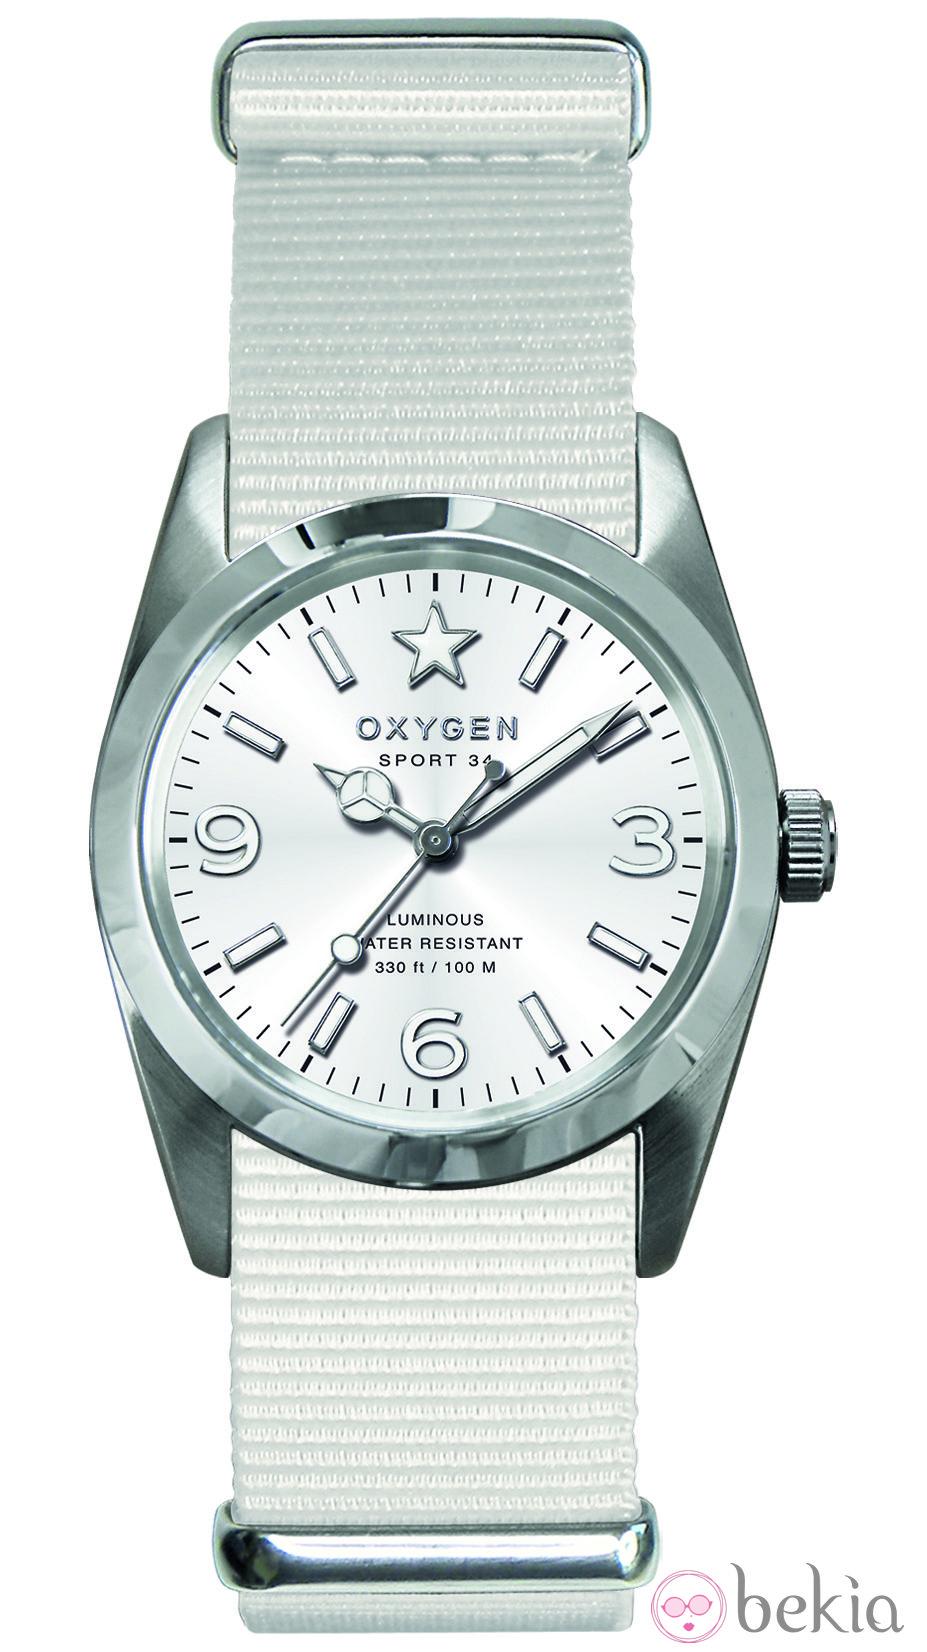 d18a69d80d33 Anterior Reloj modelo Sport Marine en blanco de la colección primavera verano  2013 de Oxygen